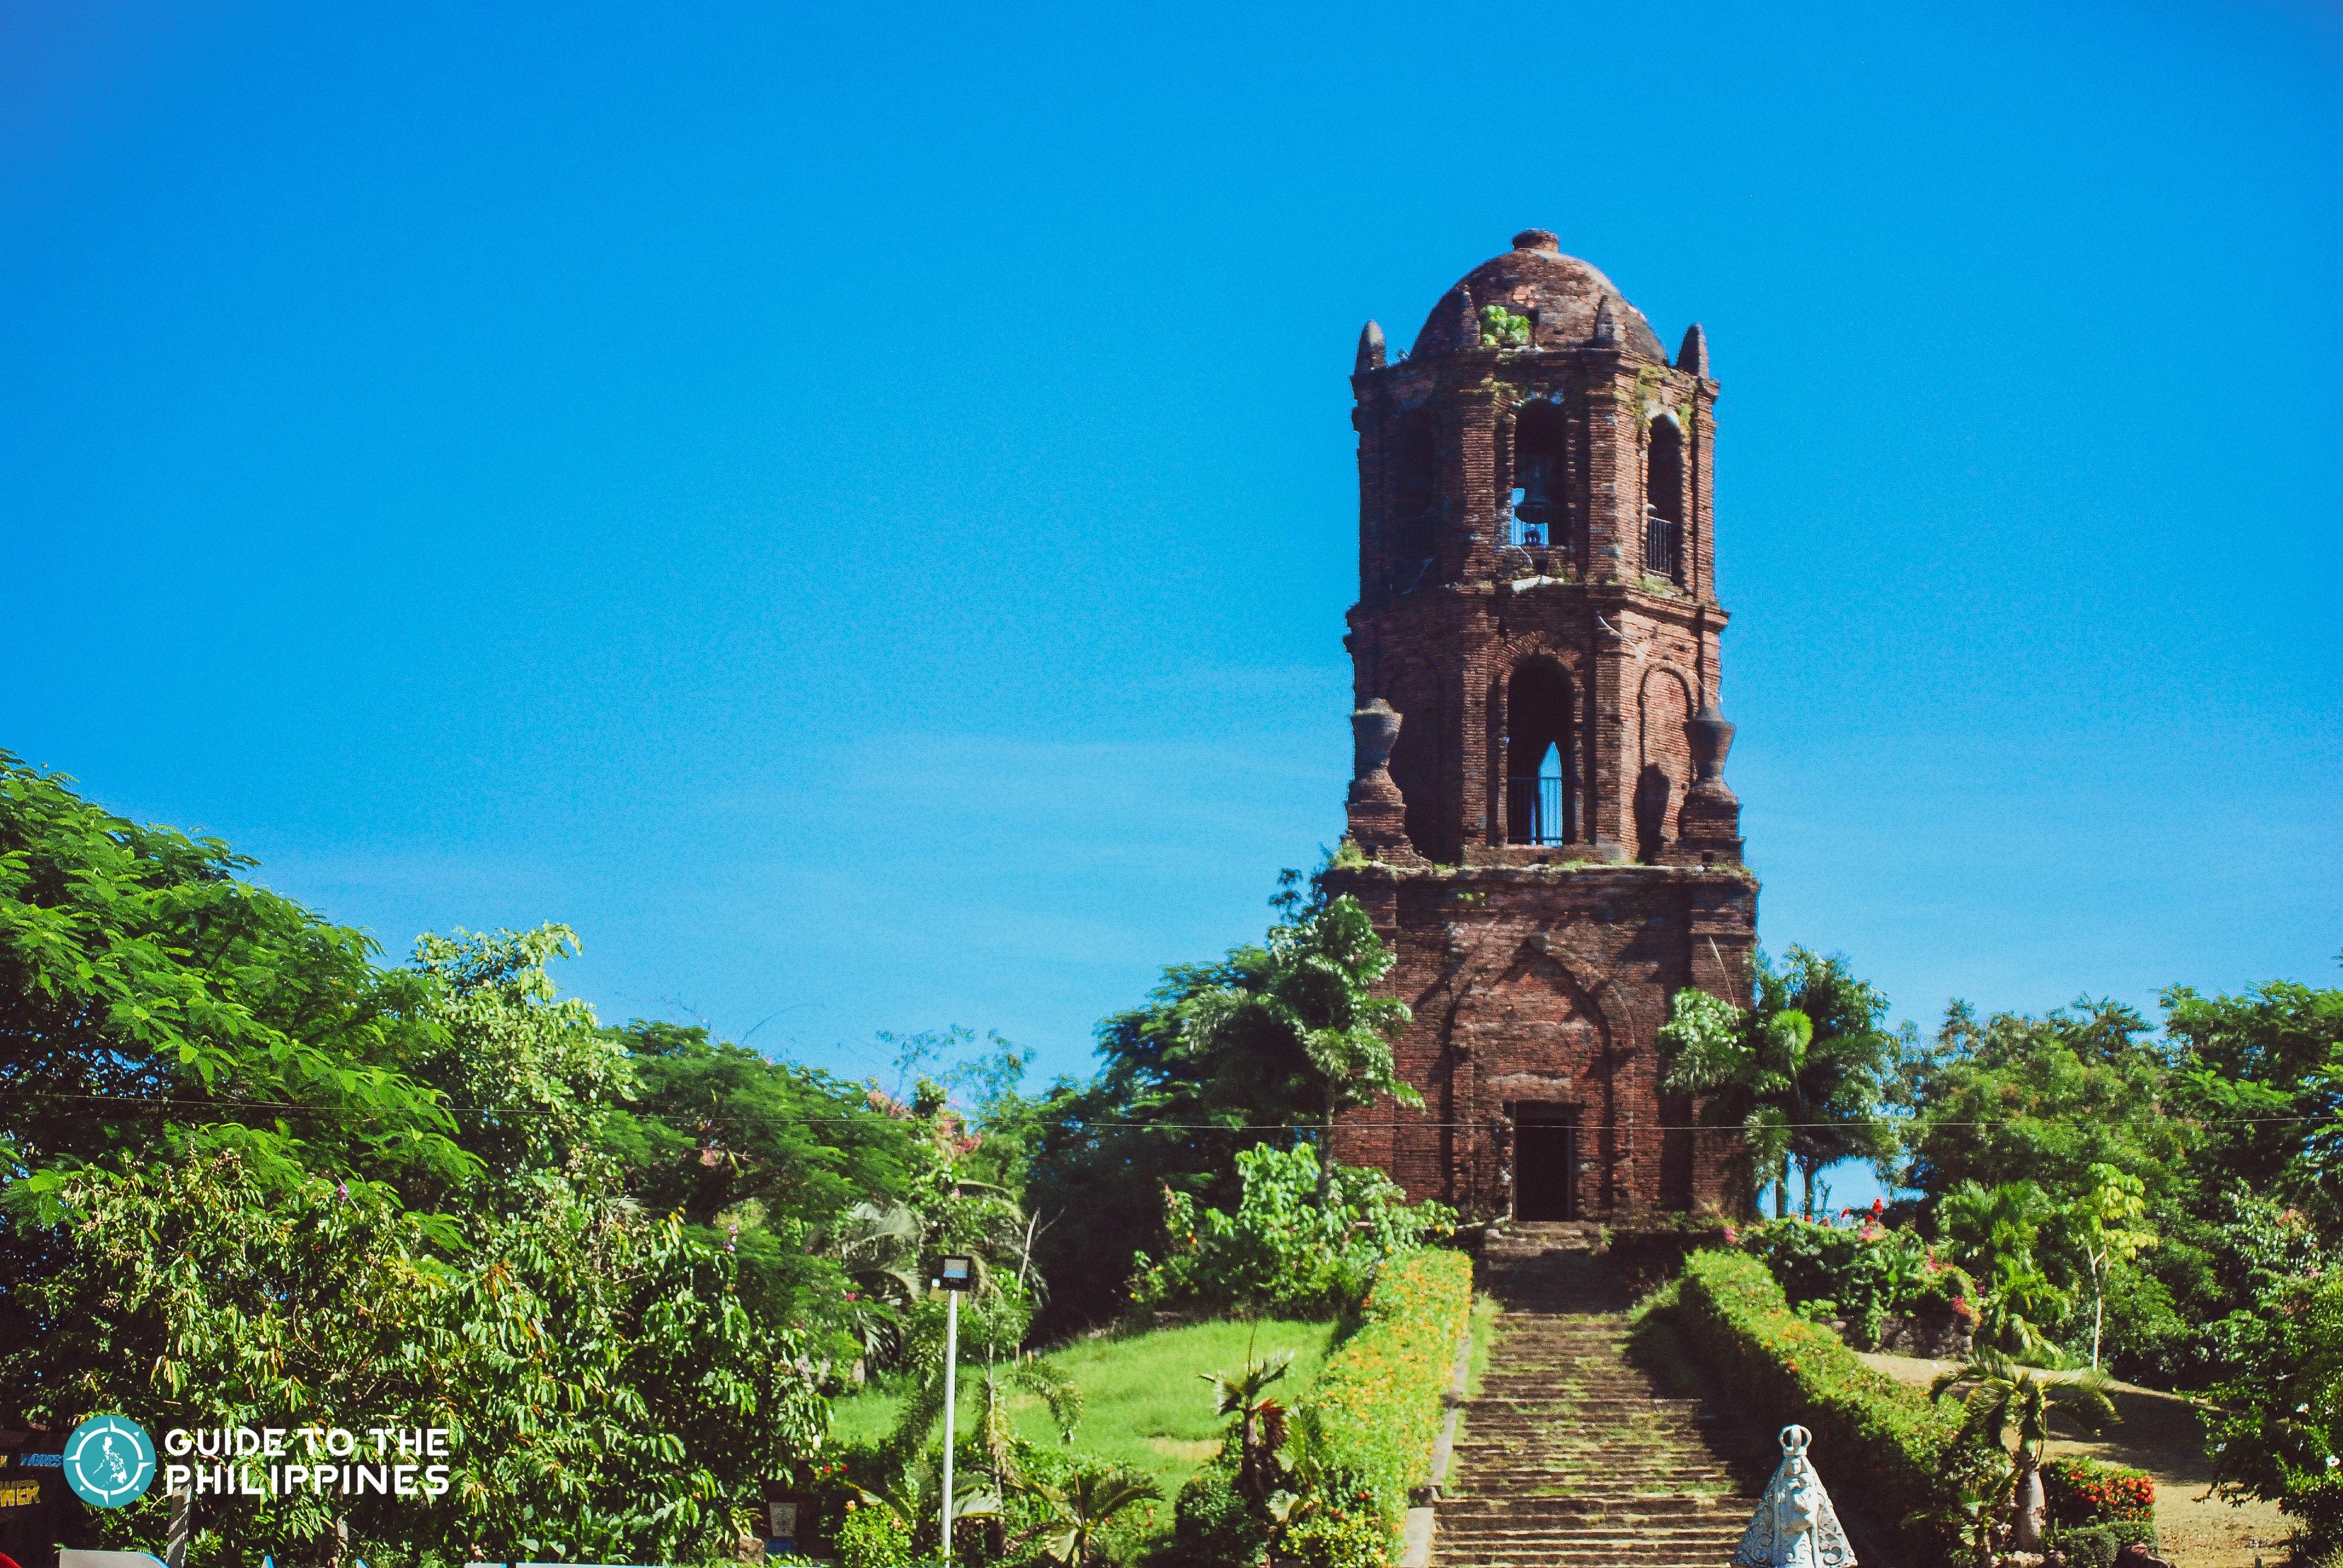 Bantay Watch Tower in Ilocos